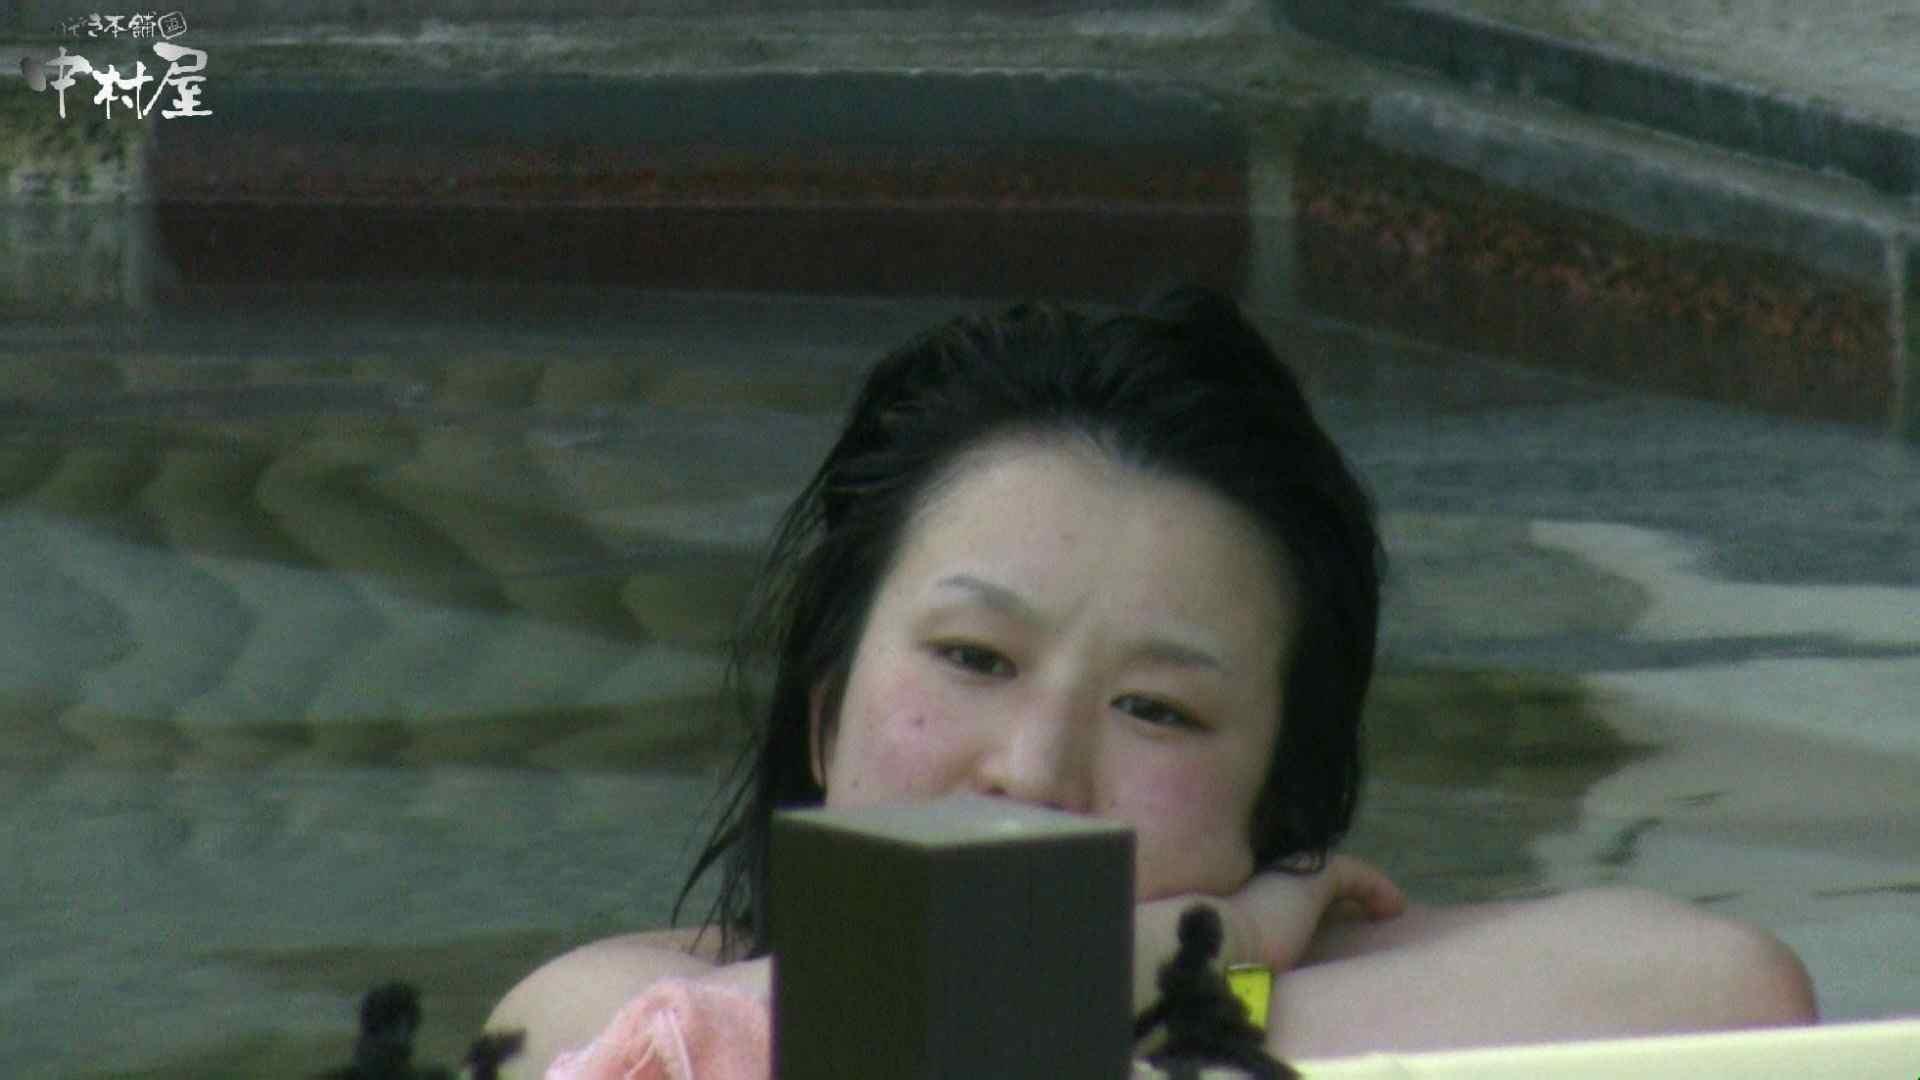 Aquaな露天風呂Vol.982 美しいOLの裸体   盗撮師作品  78pic 61